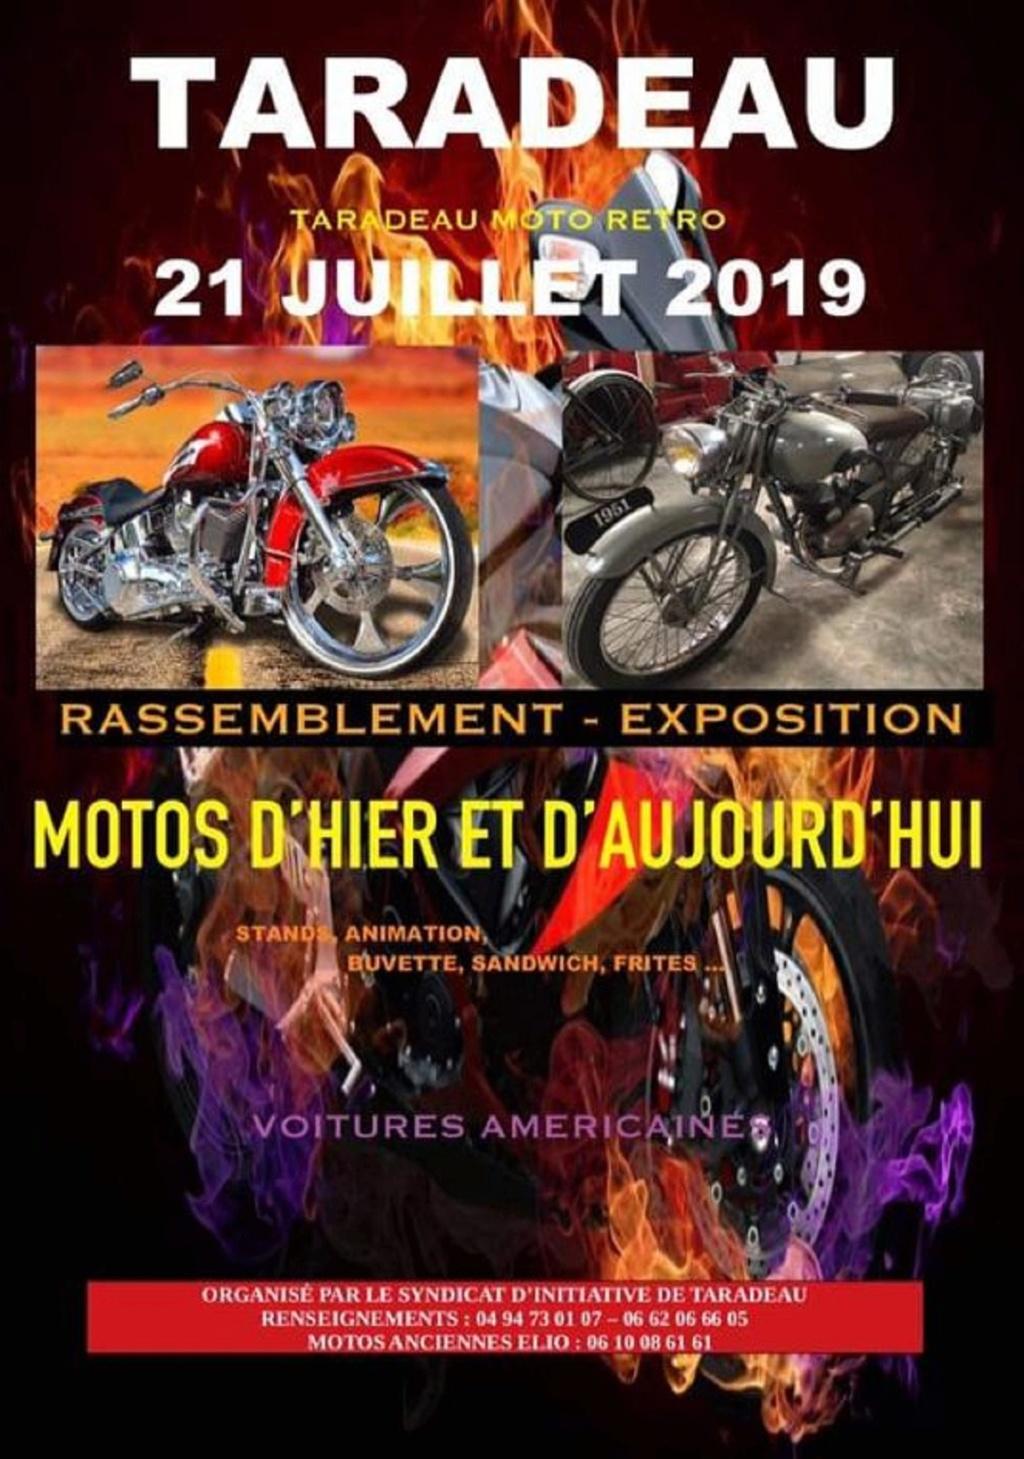 MANIFESTATION - Moto Rétro - 21 Juillet 2019 - Taradeau -  60273810